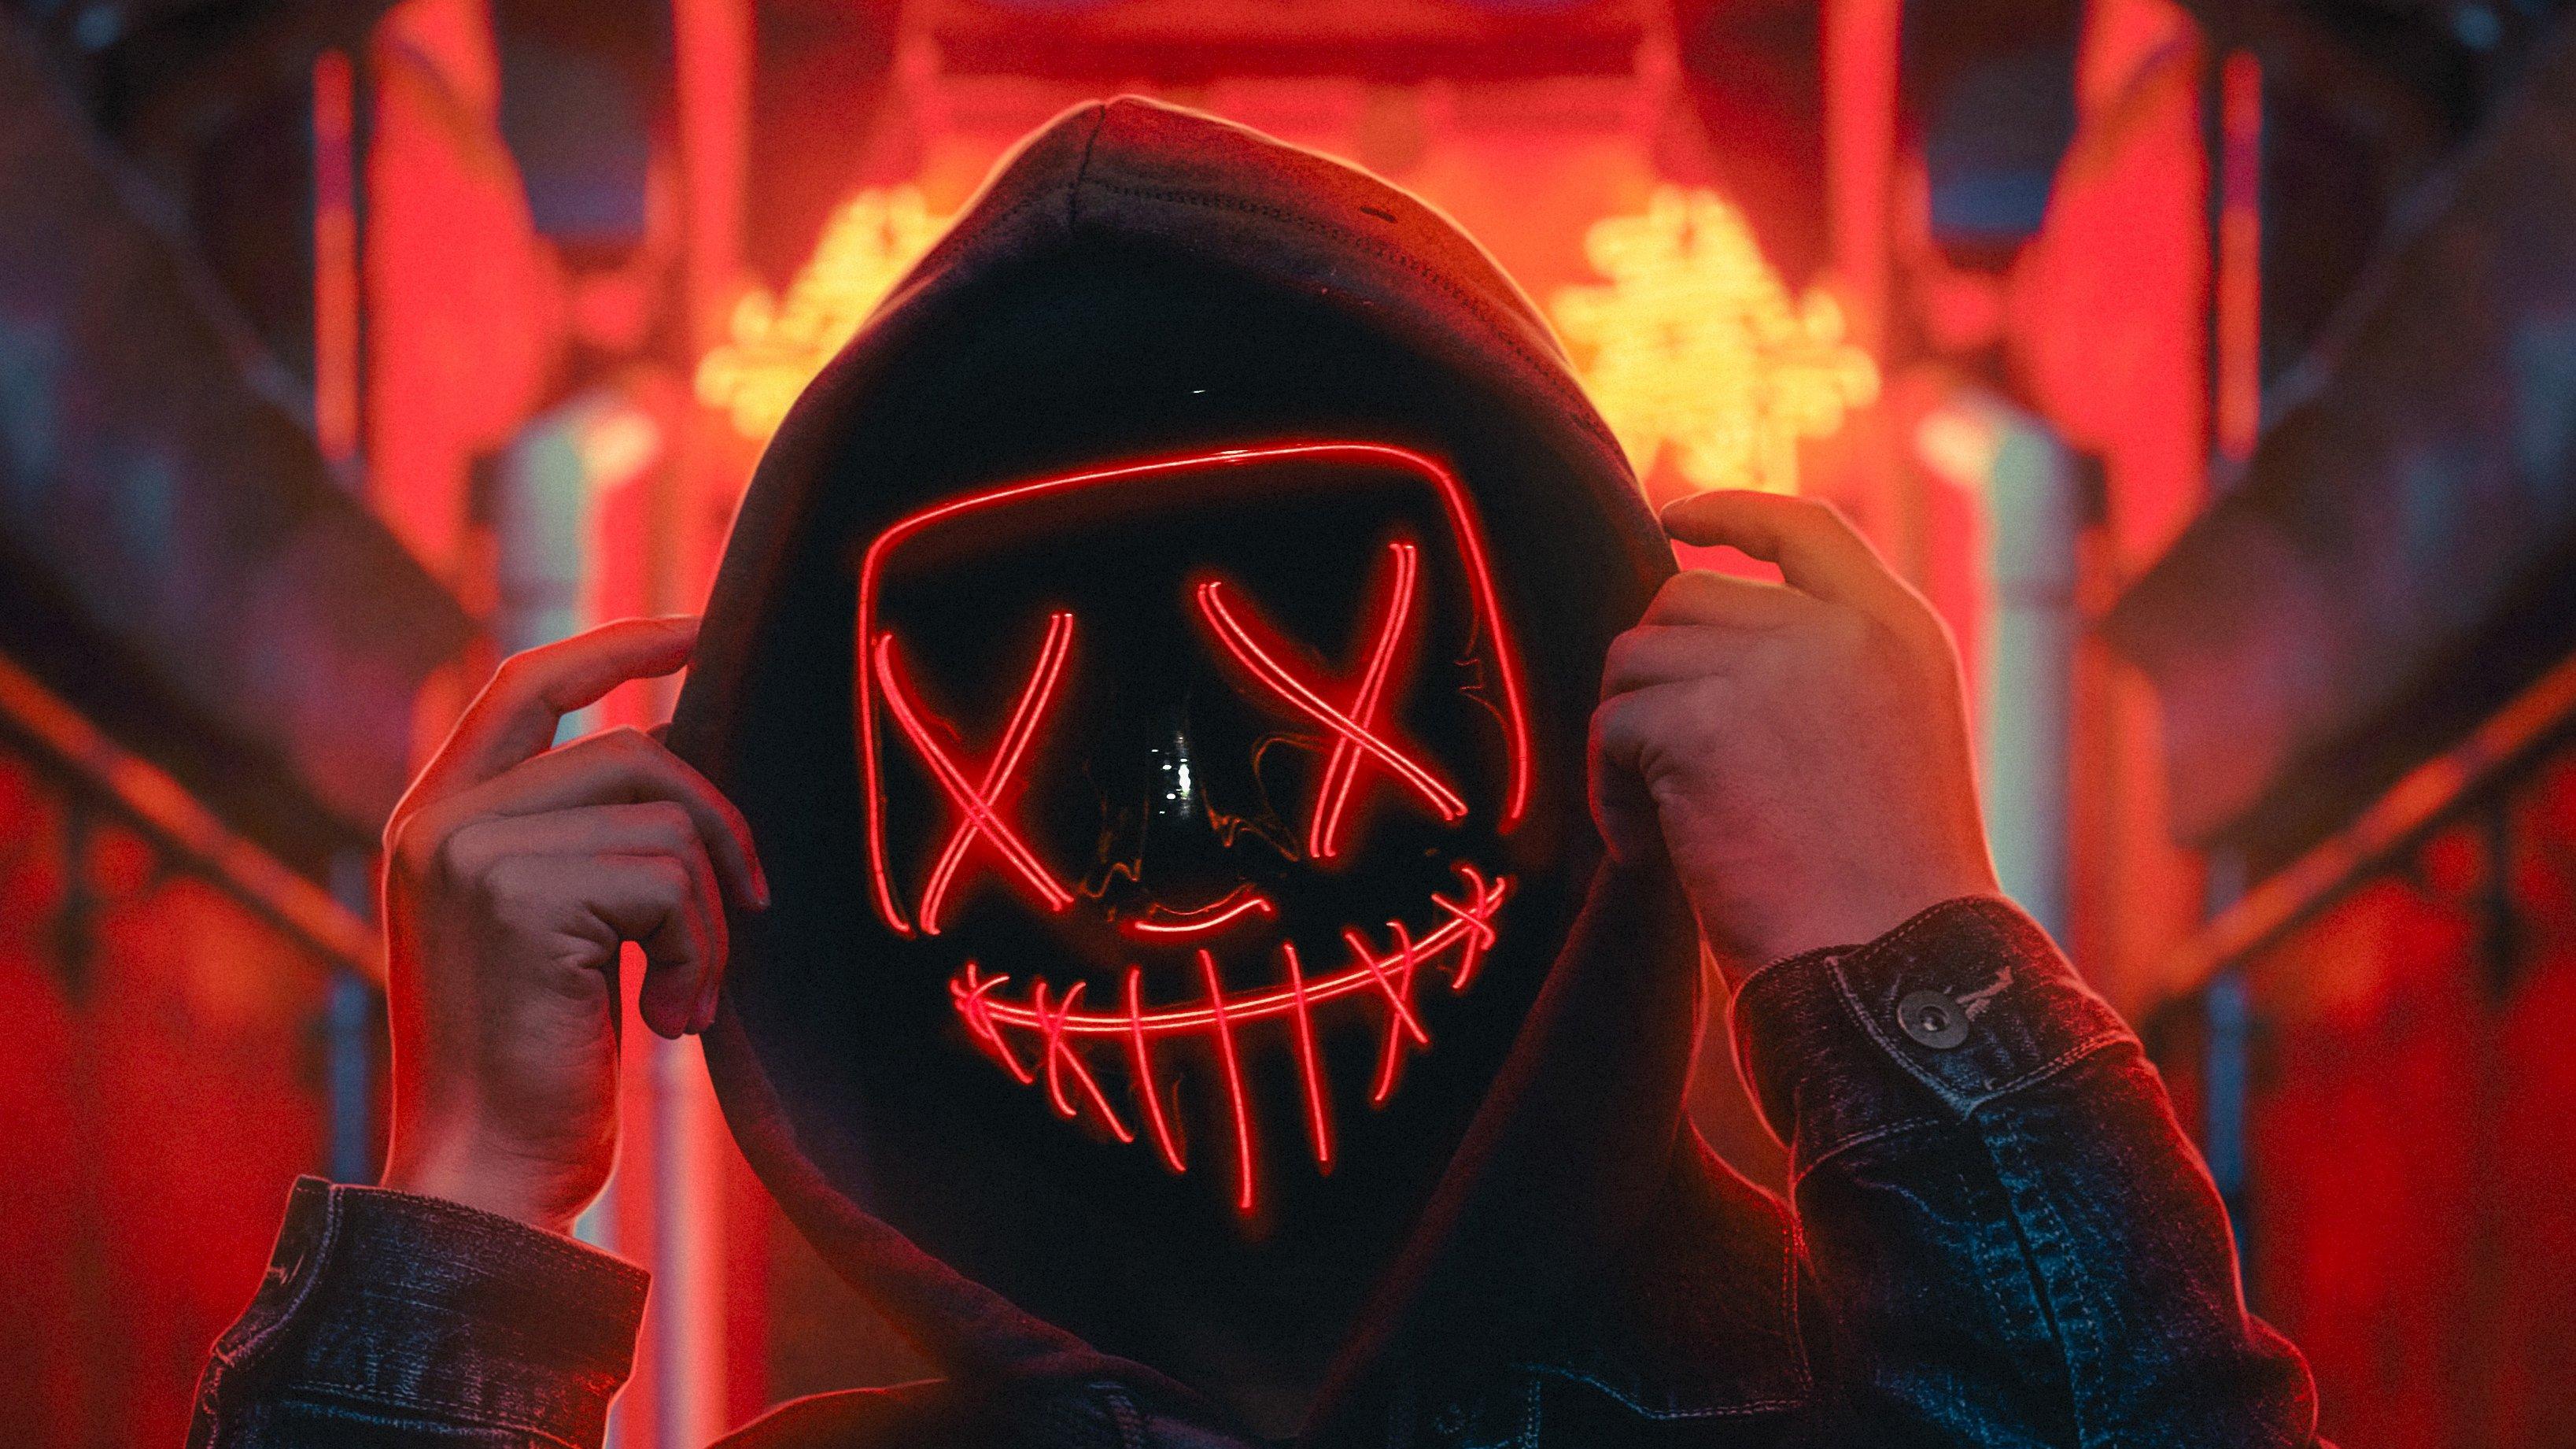 Fondos de pantalla Mascara Anónimo de neón